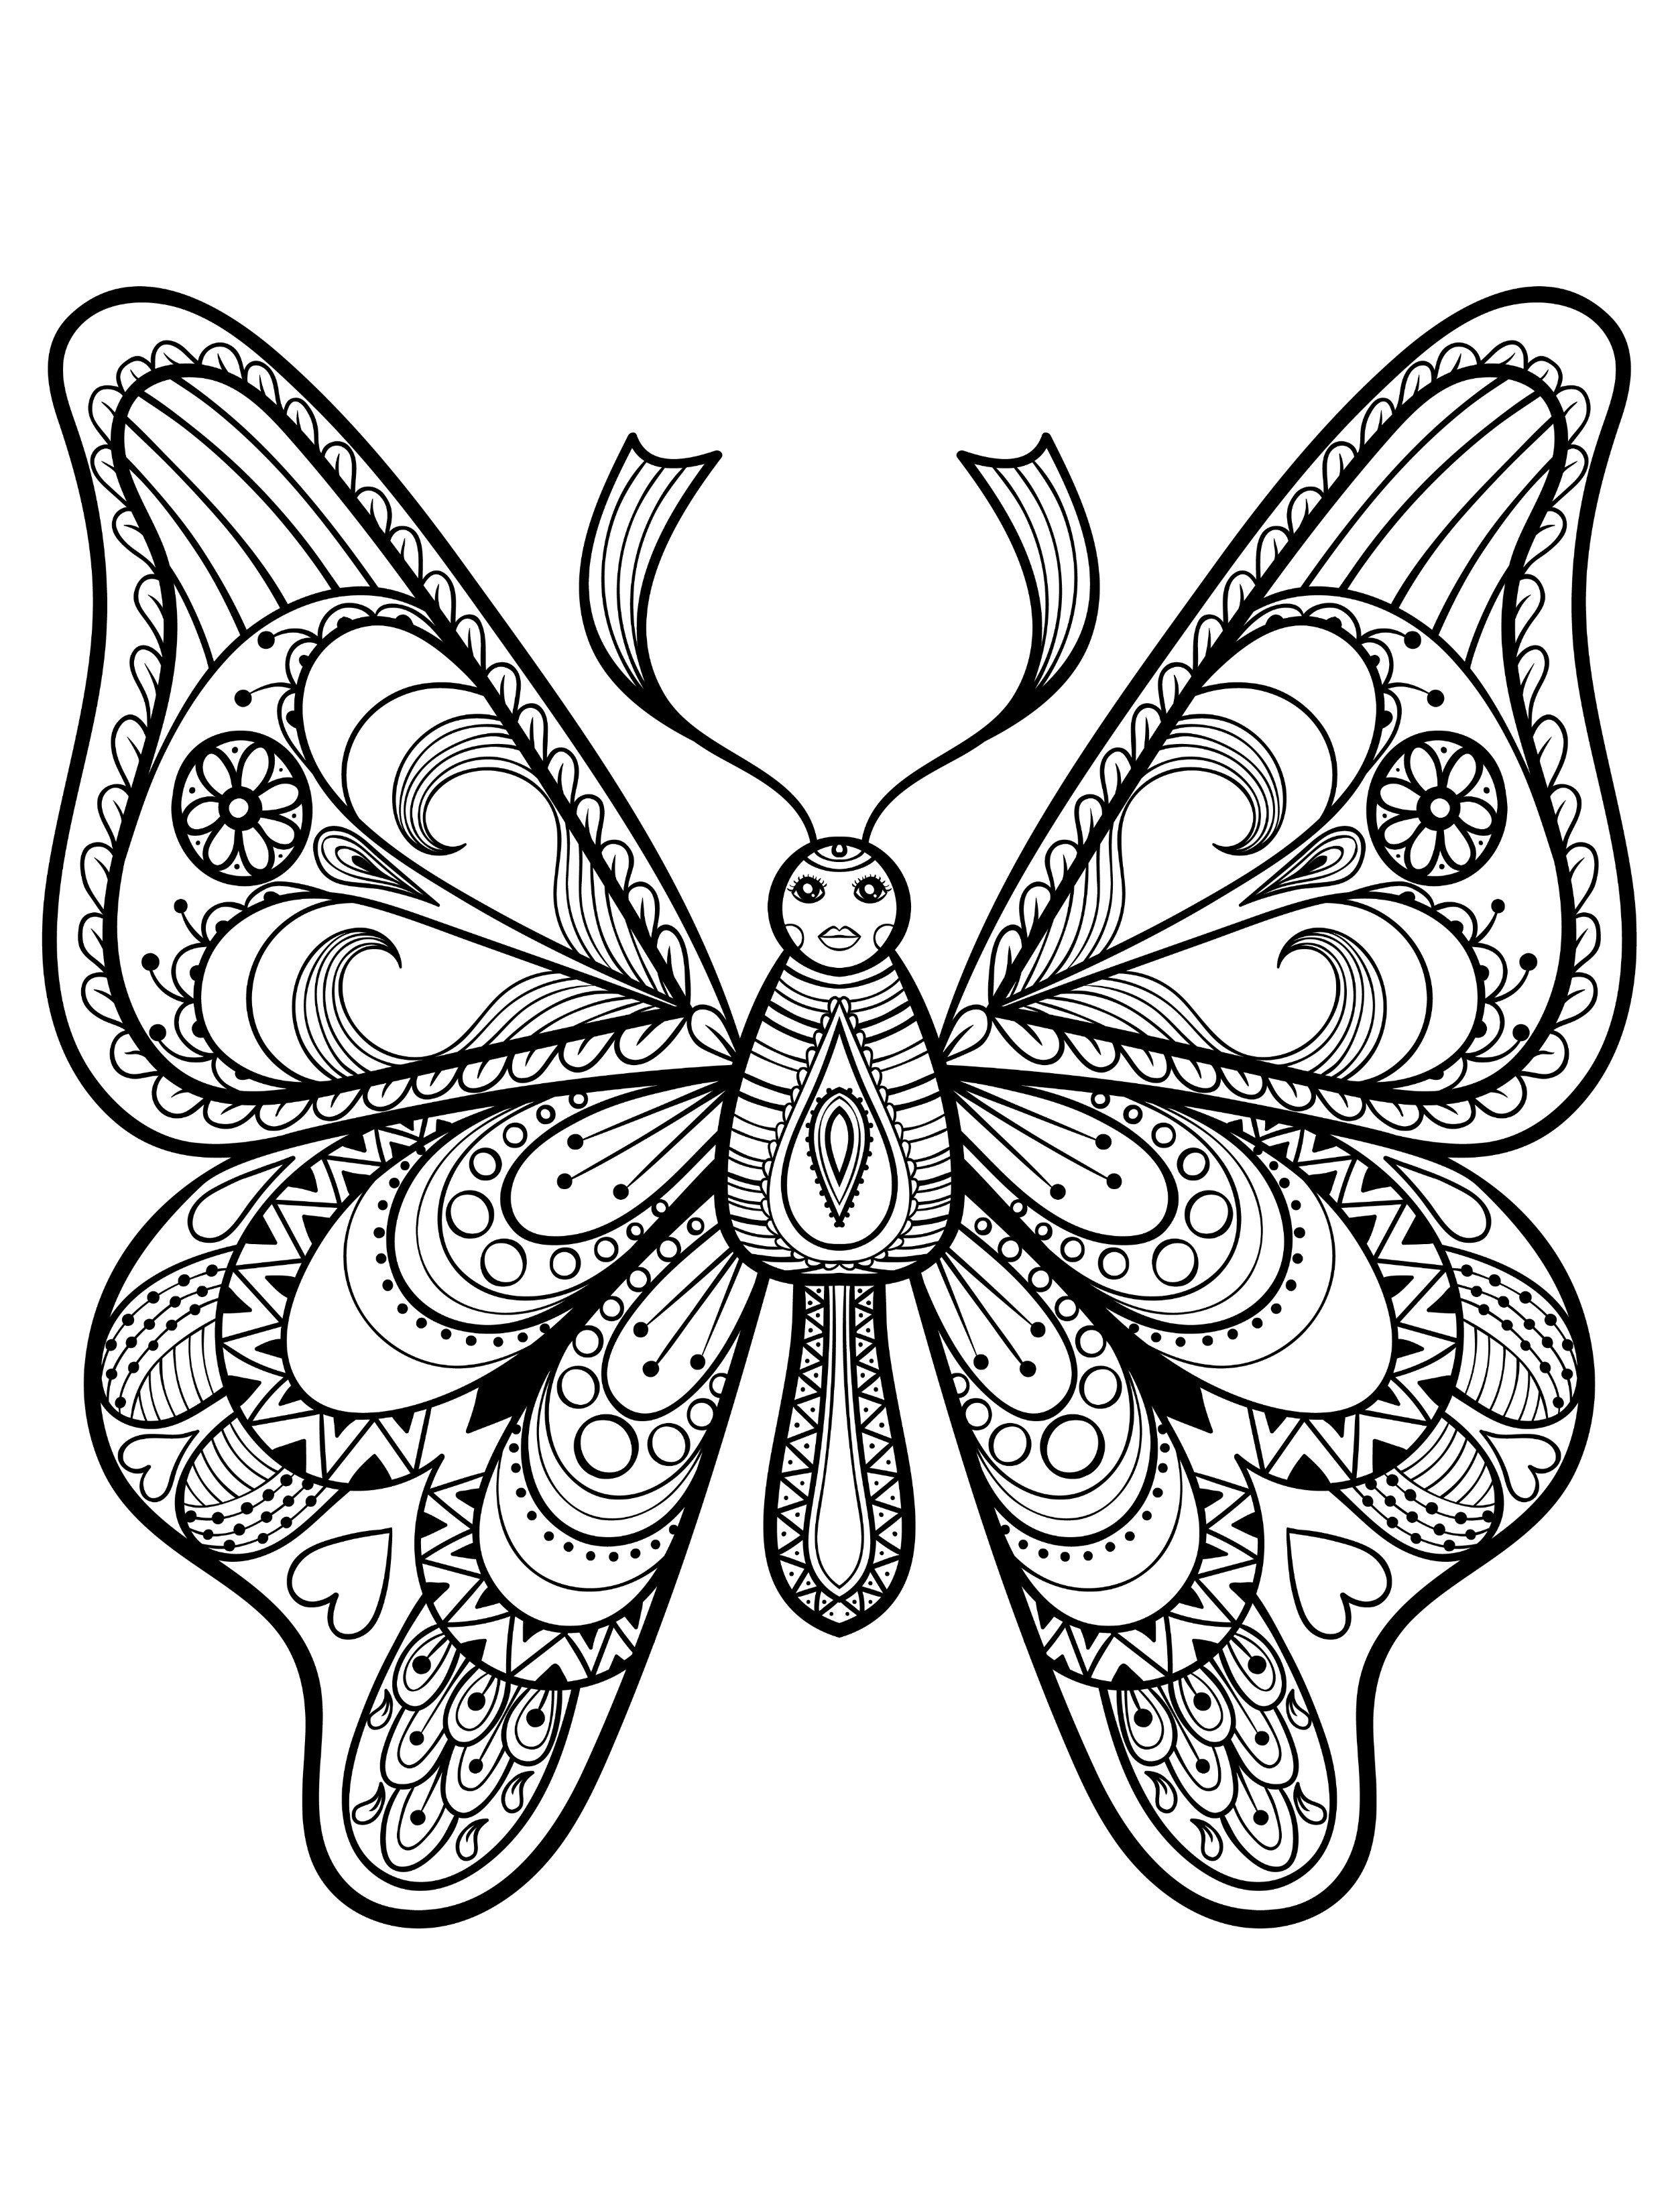 Mariposa 3 | diseños | Pinterest | Mariposas, Colorear y Libélulas